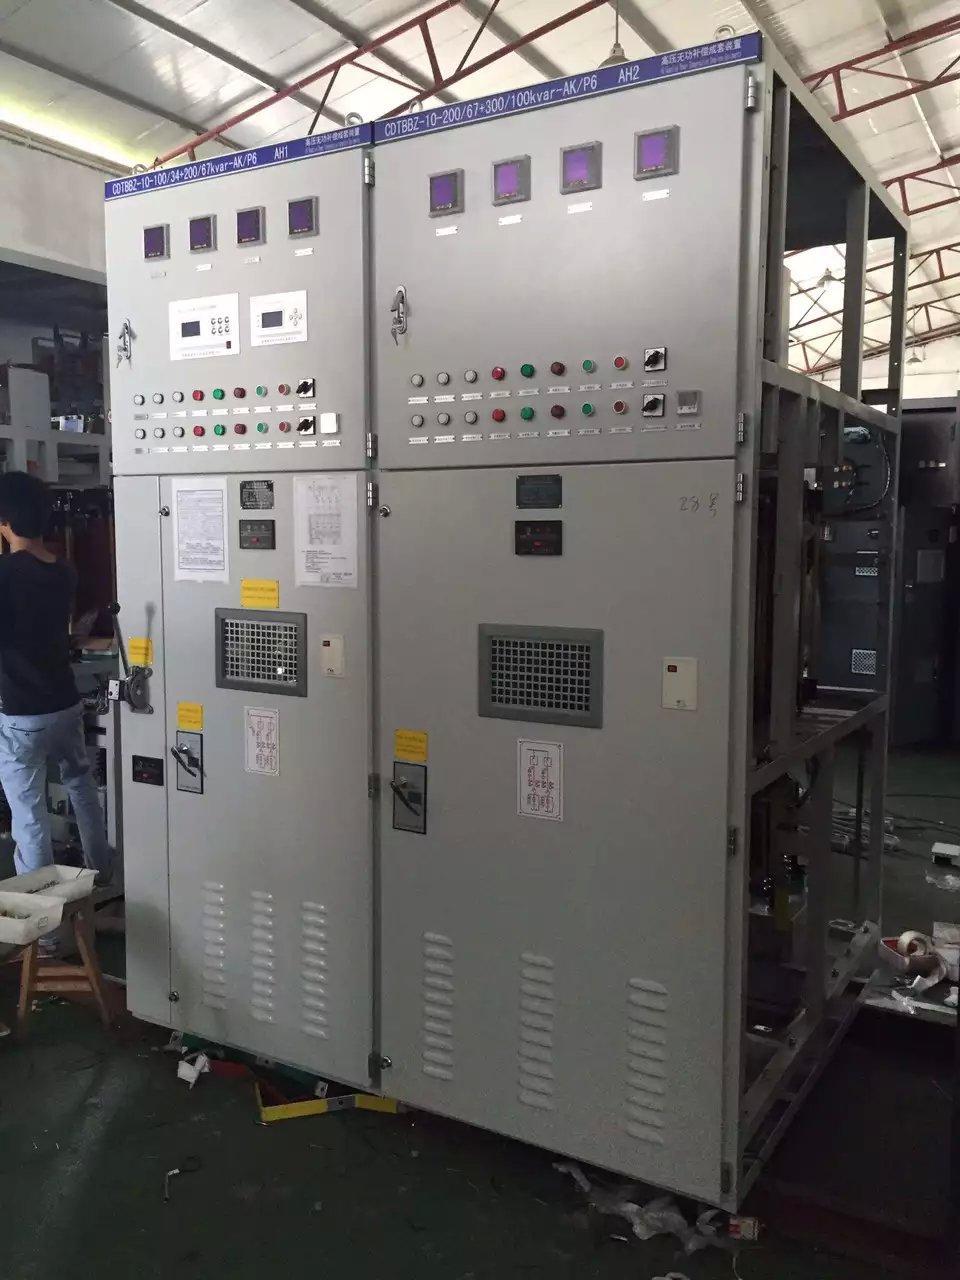 ZRKJTBBZ-1140(660)系列 矿用防爆型自动无功功率补偿装置 1、概述 目前,在各工业企业中, 由于感性负载的大量使用而导致供电系统功率因数偏低成为普遍存在的问题。 而功率因数的降低将造成能源的浪费, 设备端电压的降低,供电系统容量的增大等一系列的问题。 提高功率因数已成为很多企业的节能项目之一。在煤矿企业中,供电系统的负载以三相异步电动机为主,使功率因数偏低的问题更为突出。同时,煤矿井下复杂的环境条件和对电气设备的特殊要求,为提高功率因数带来了更多的技术困难和更高的要求。所以提高煤矿井下大功